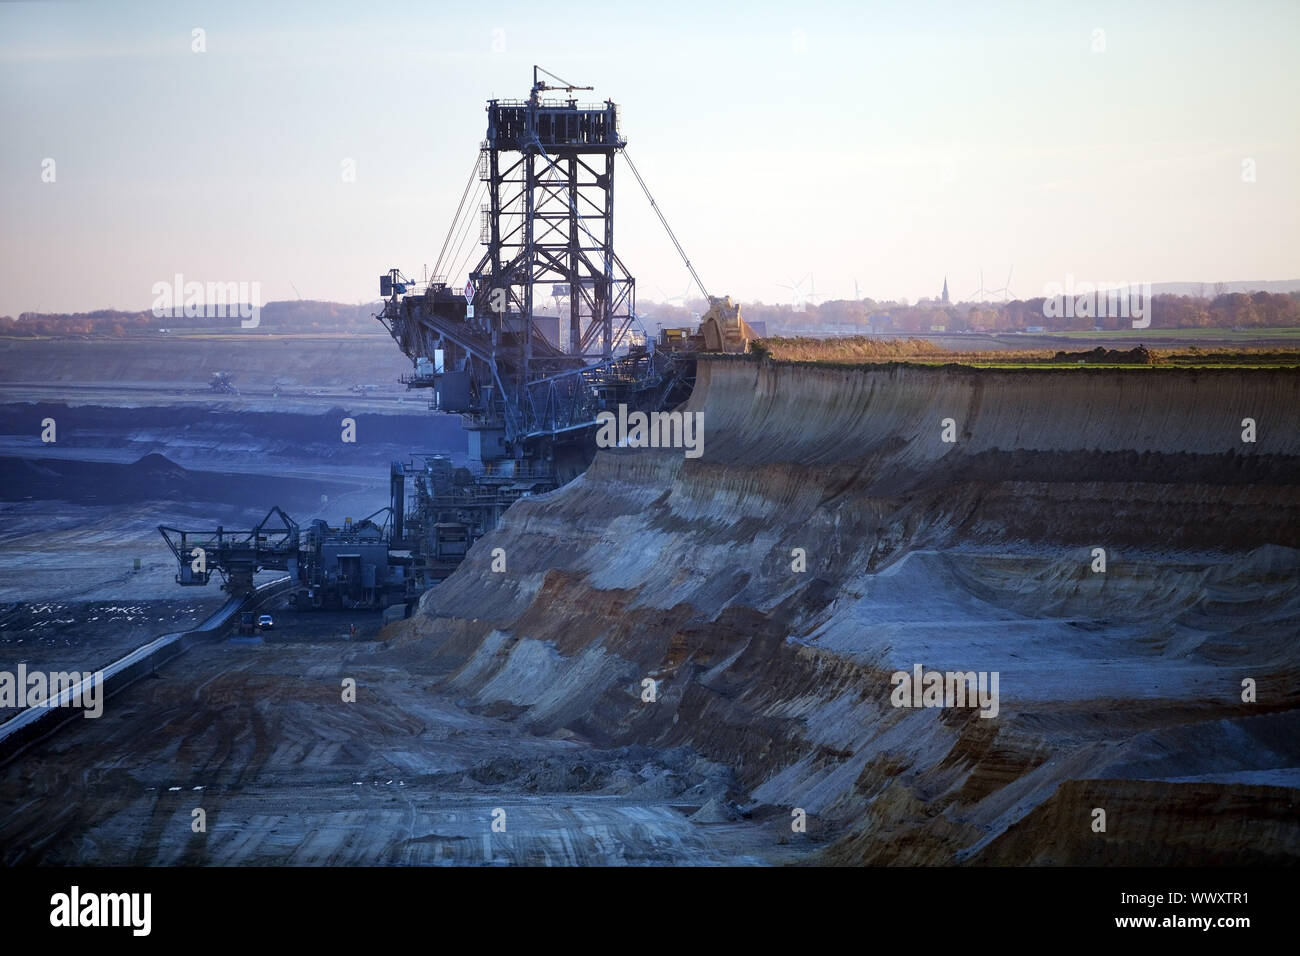 Carbón pardo minería superficial con la cuchara excavadora de ruedas , Garzweiler, Juechen, Alemania, Europa Foto de stock